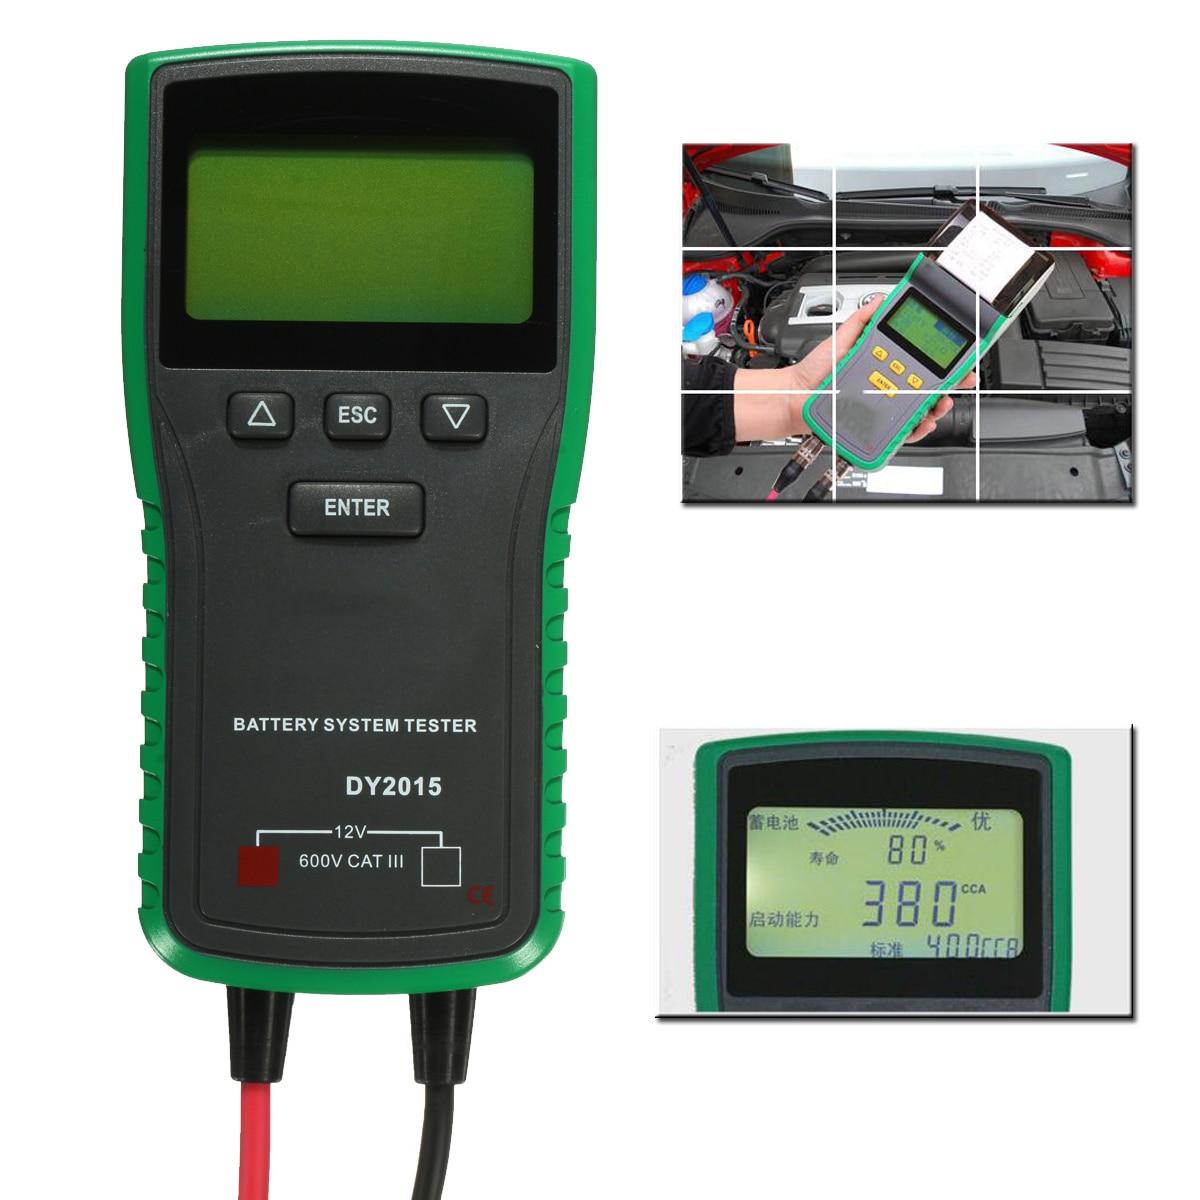 ABS 12 v דיגיטלי רכב רכב סוללה עומס בודק מנתח CCA עמיד באיכות סוללה בודקי טווח 1001700